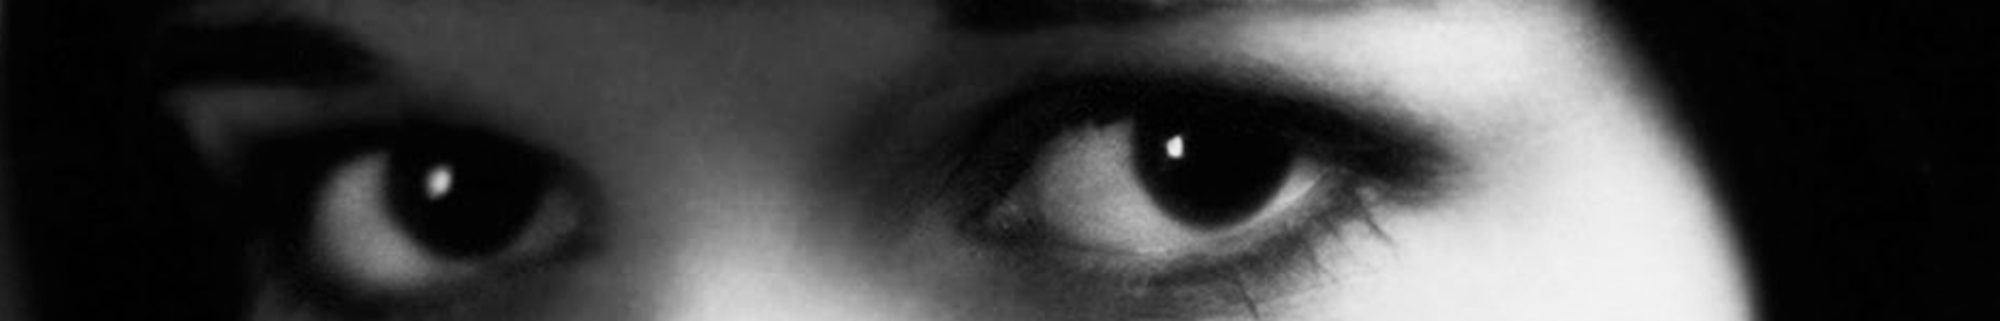 Garden of Silence – Storie e visioni del cinema muto